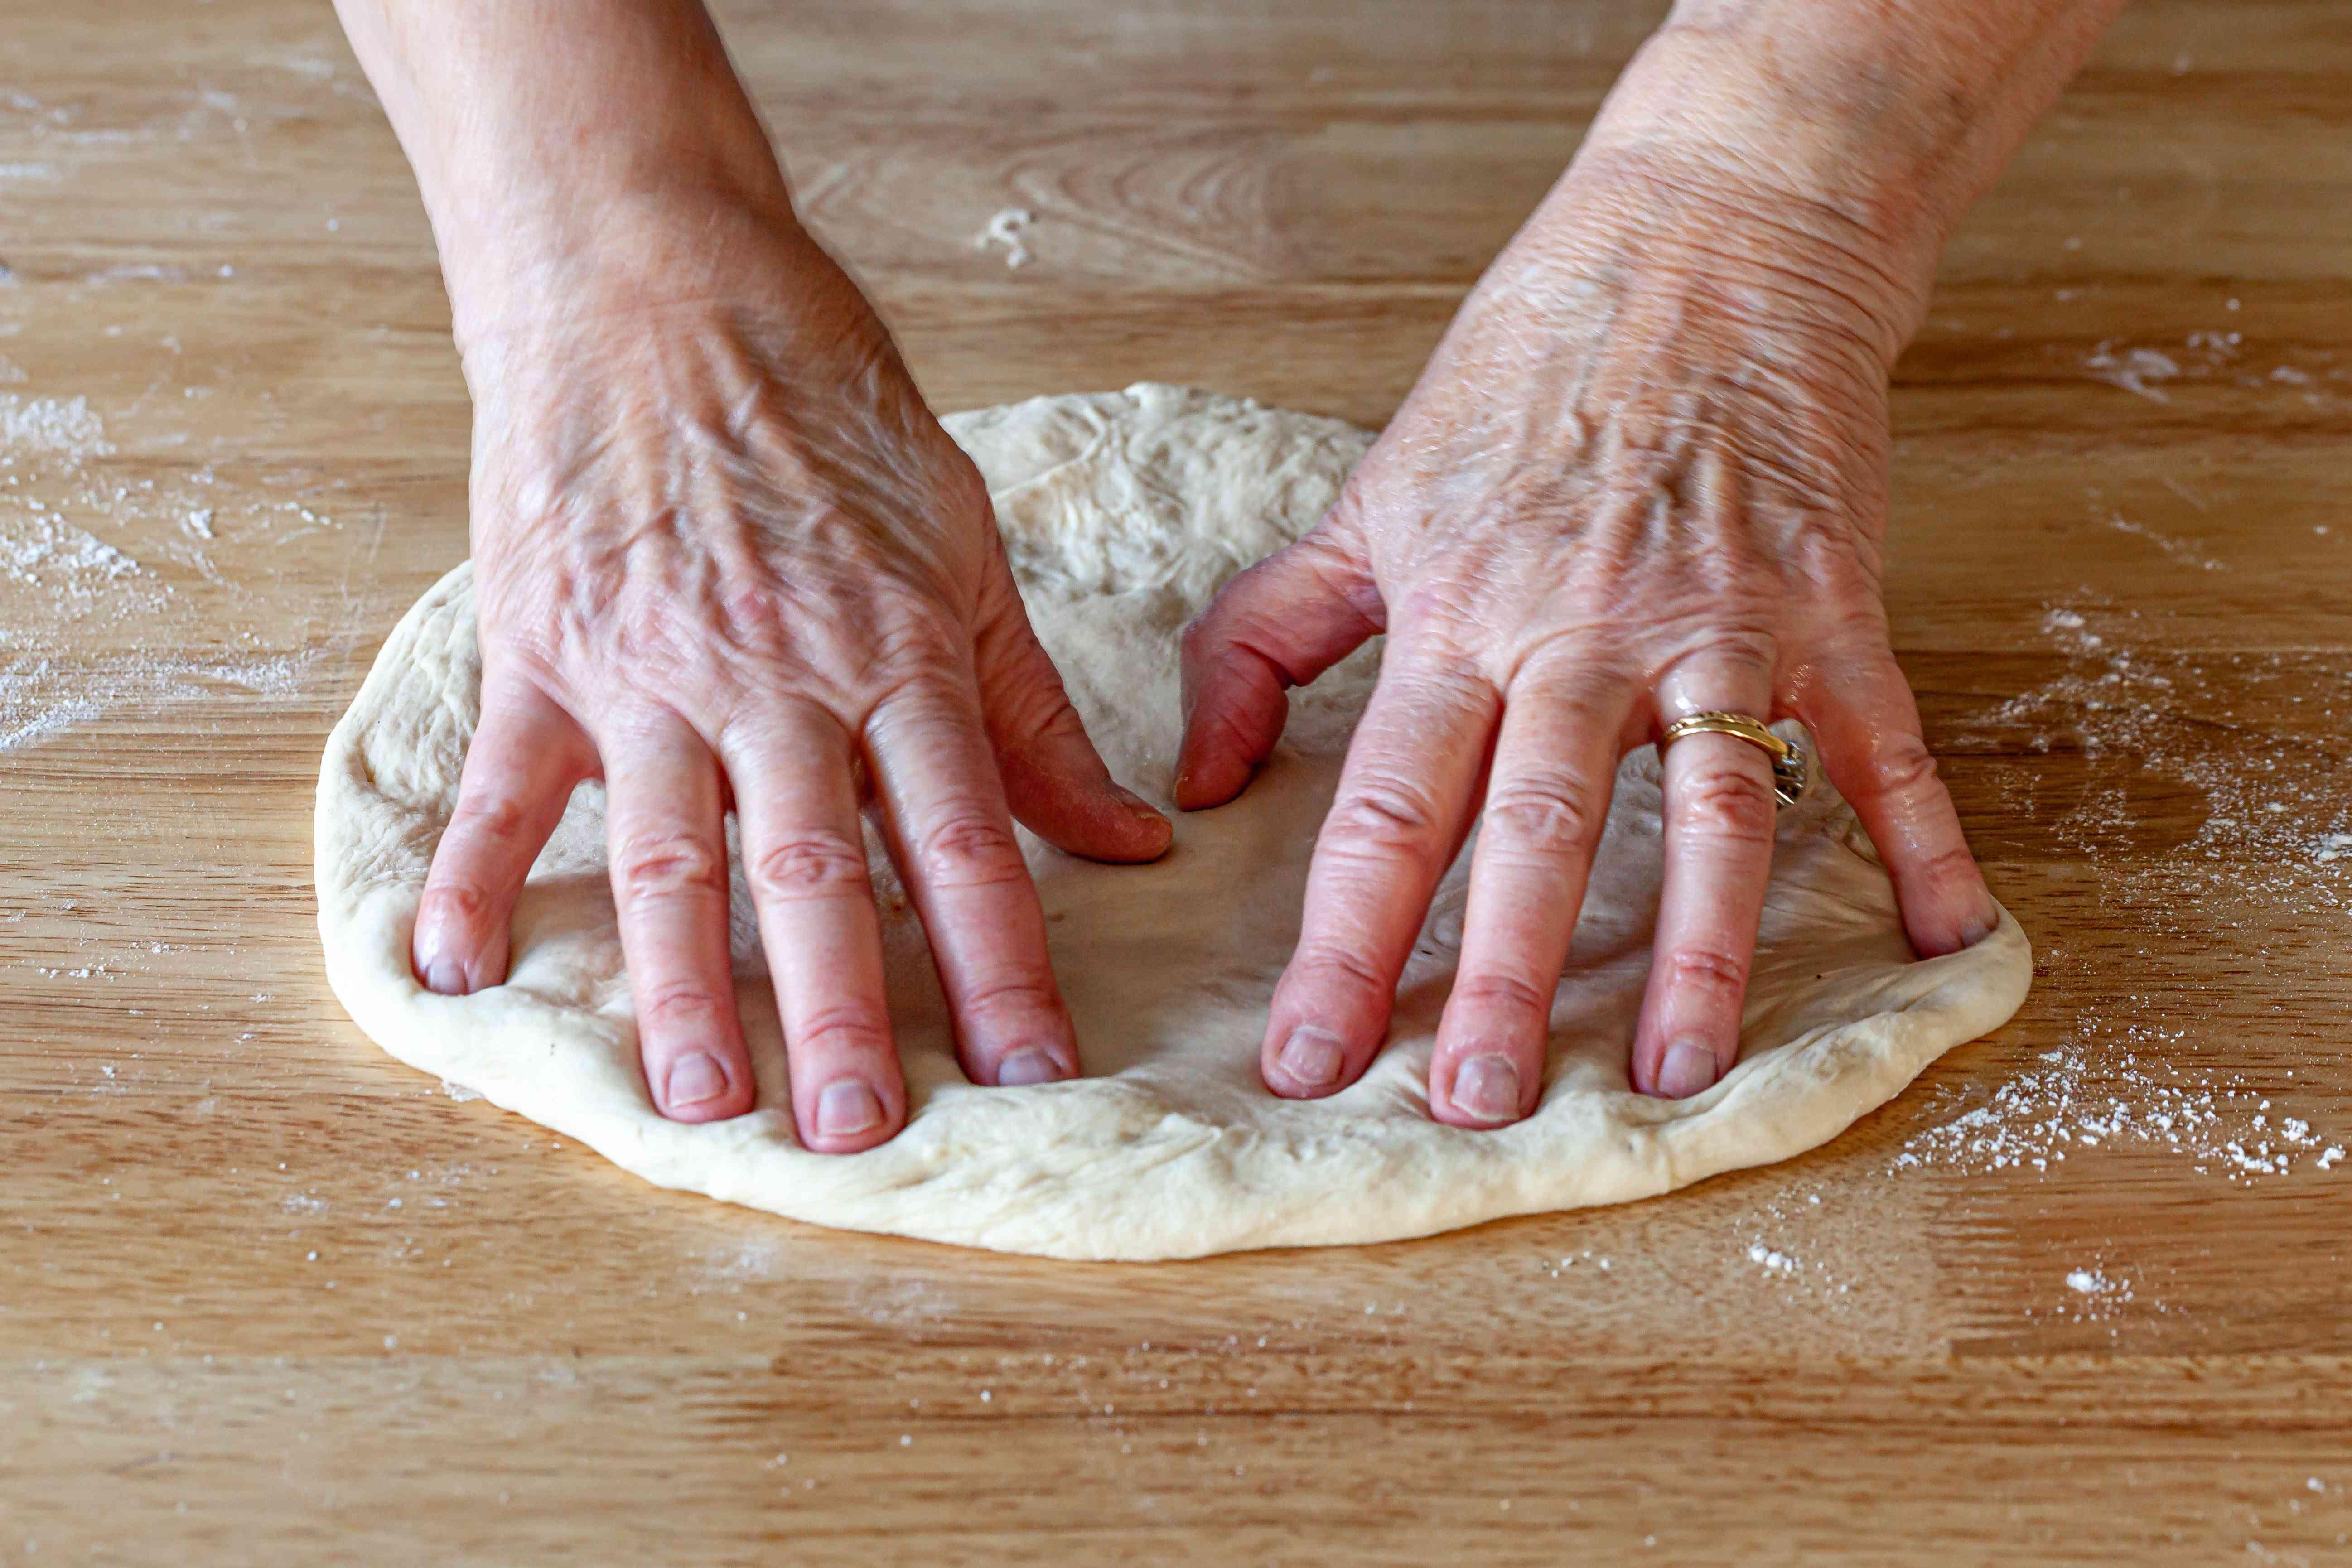 Pressing pizza dough into a circular shape.